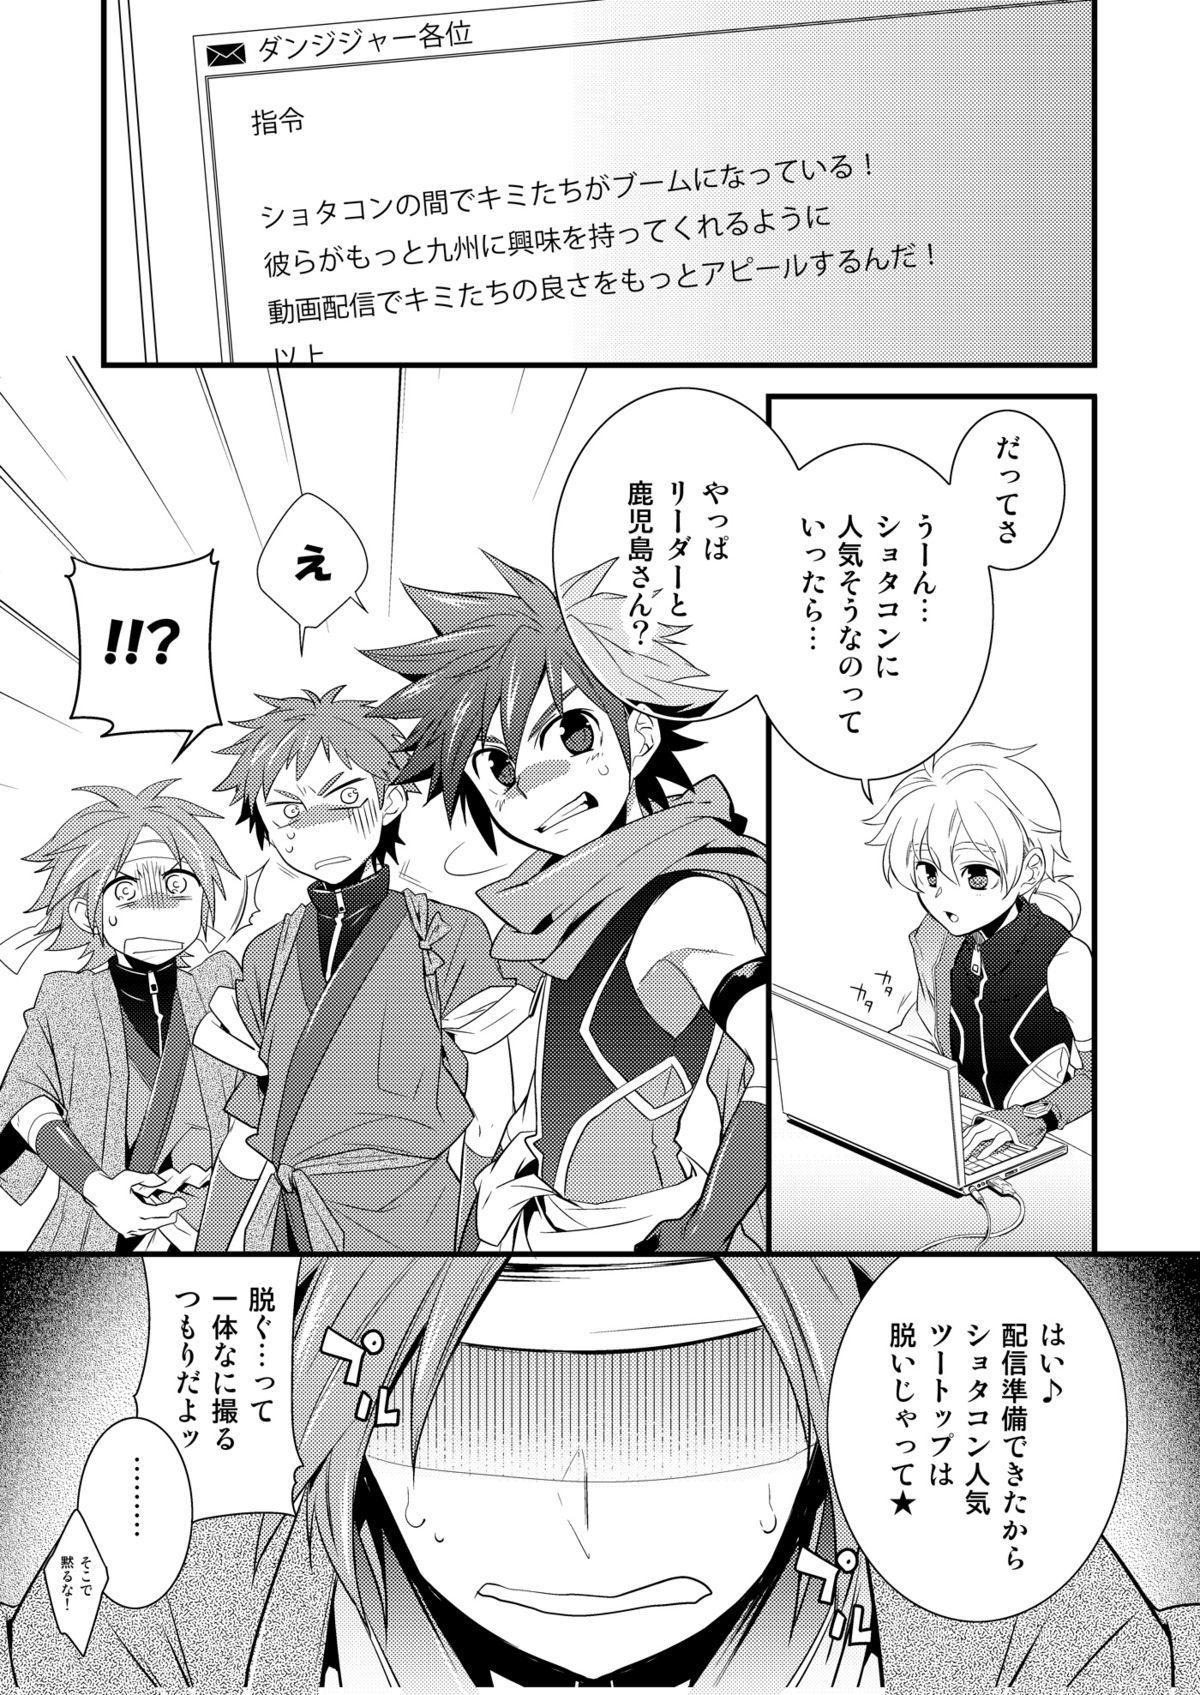 Omotenashi! 3